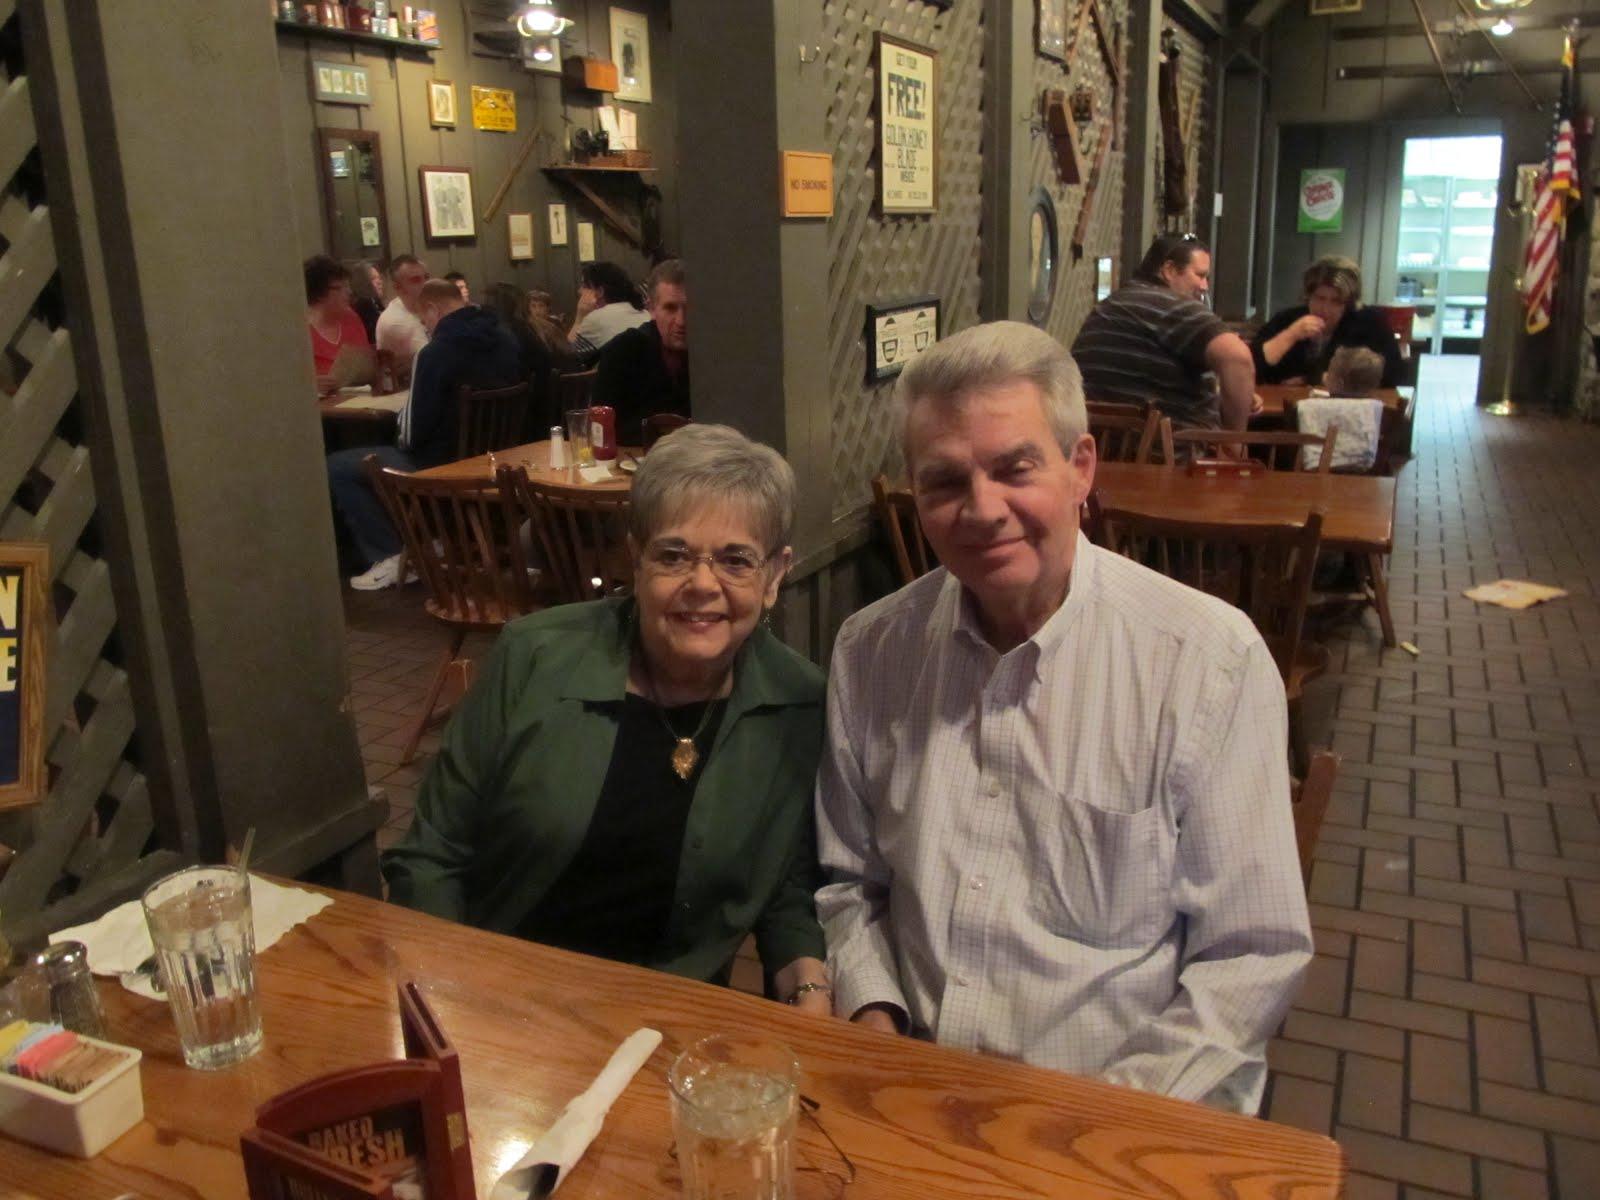 glen and sherie at the cracker barrel restaurant